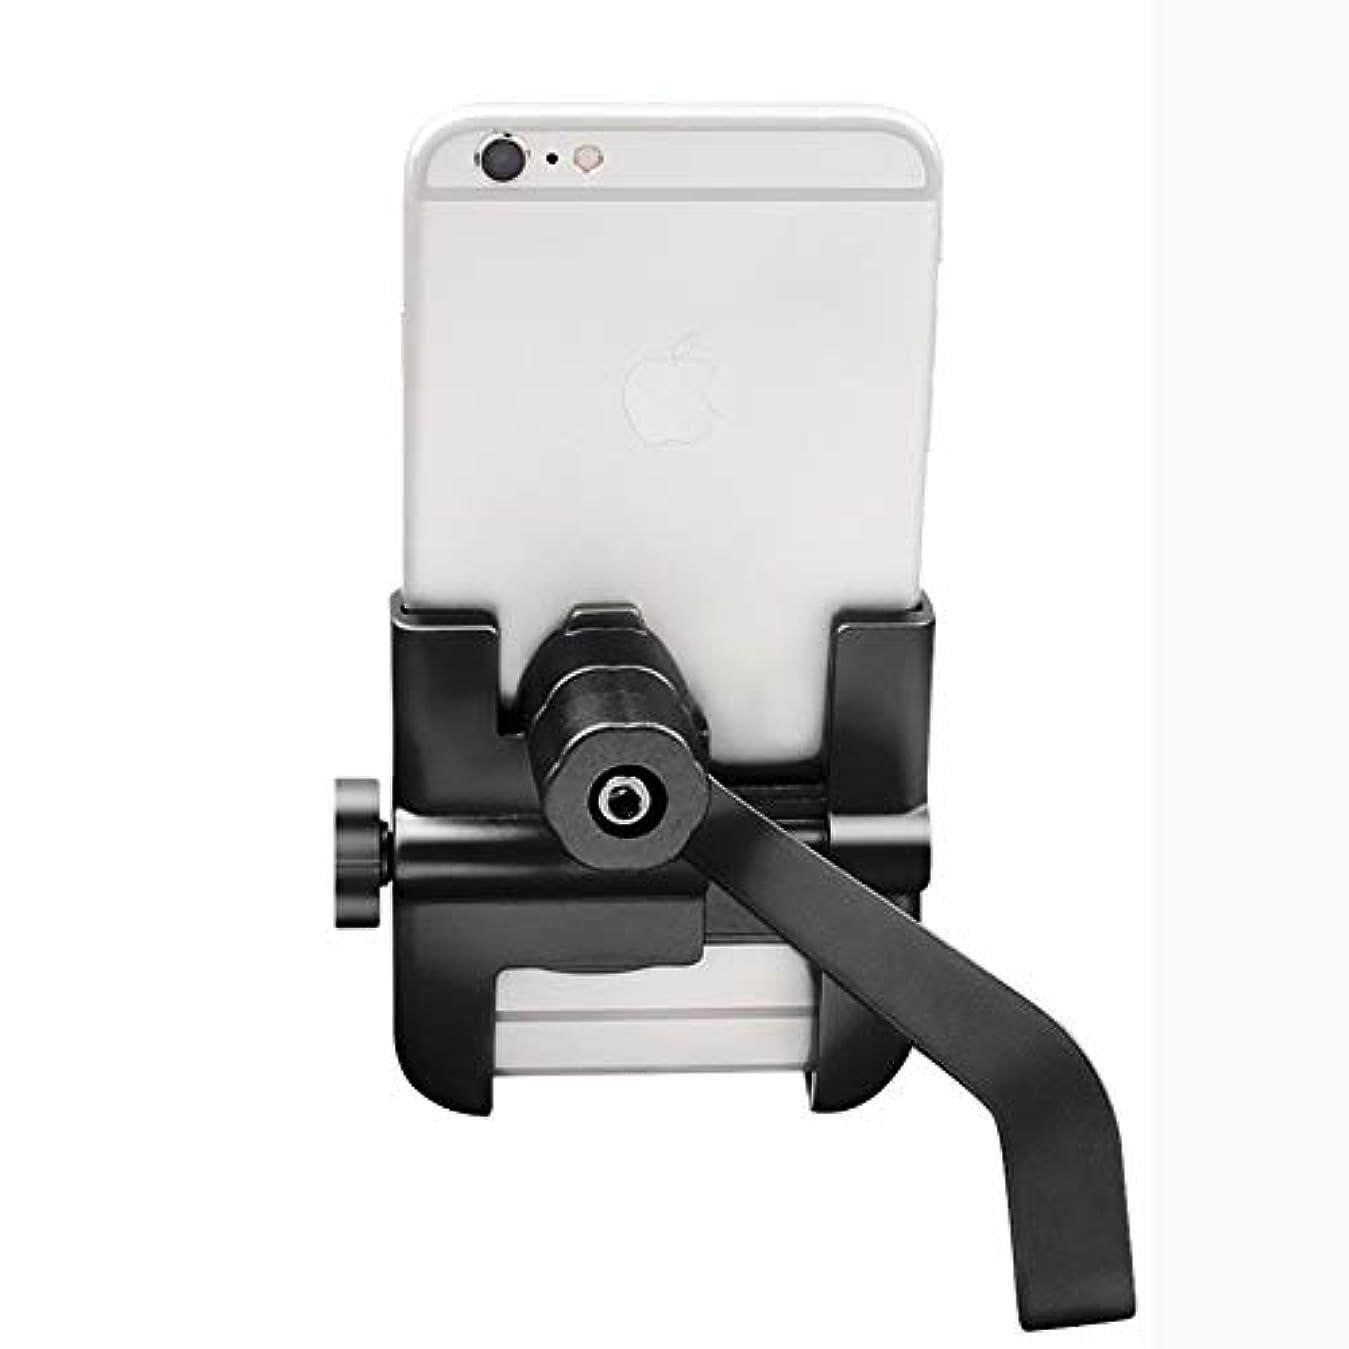 保証する再集計博覧会RMPH-Mobile Phone Holder オートバイ 電話マウントホルダー ユニバーサル バイク 携帯電話ホルダー 360回転で アルミニウム合金 バックミラー 4.6?6.8インチのスマートフォン用